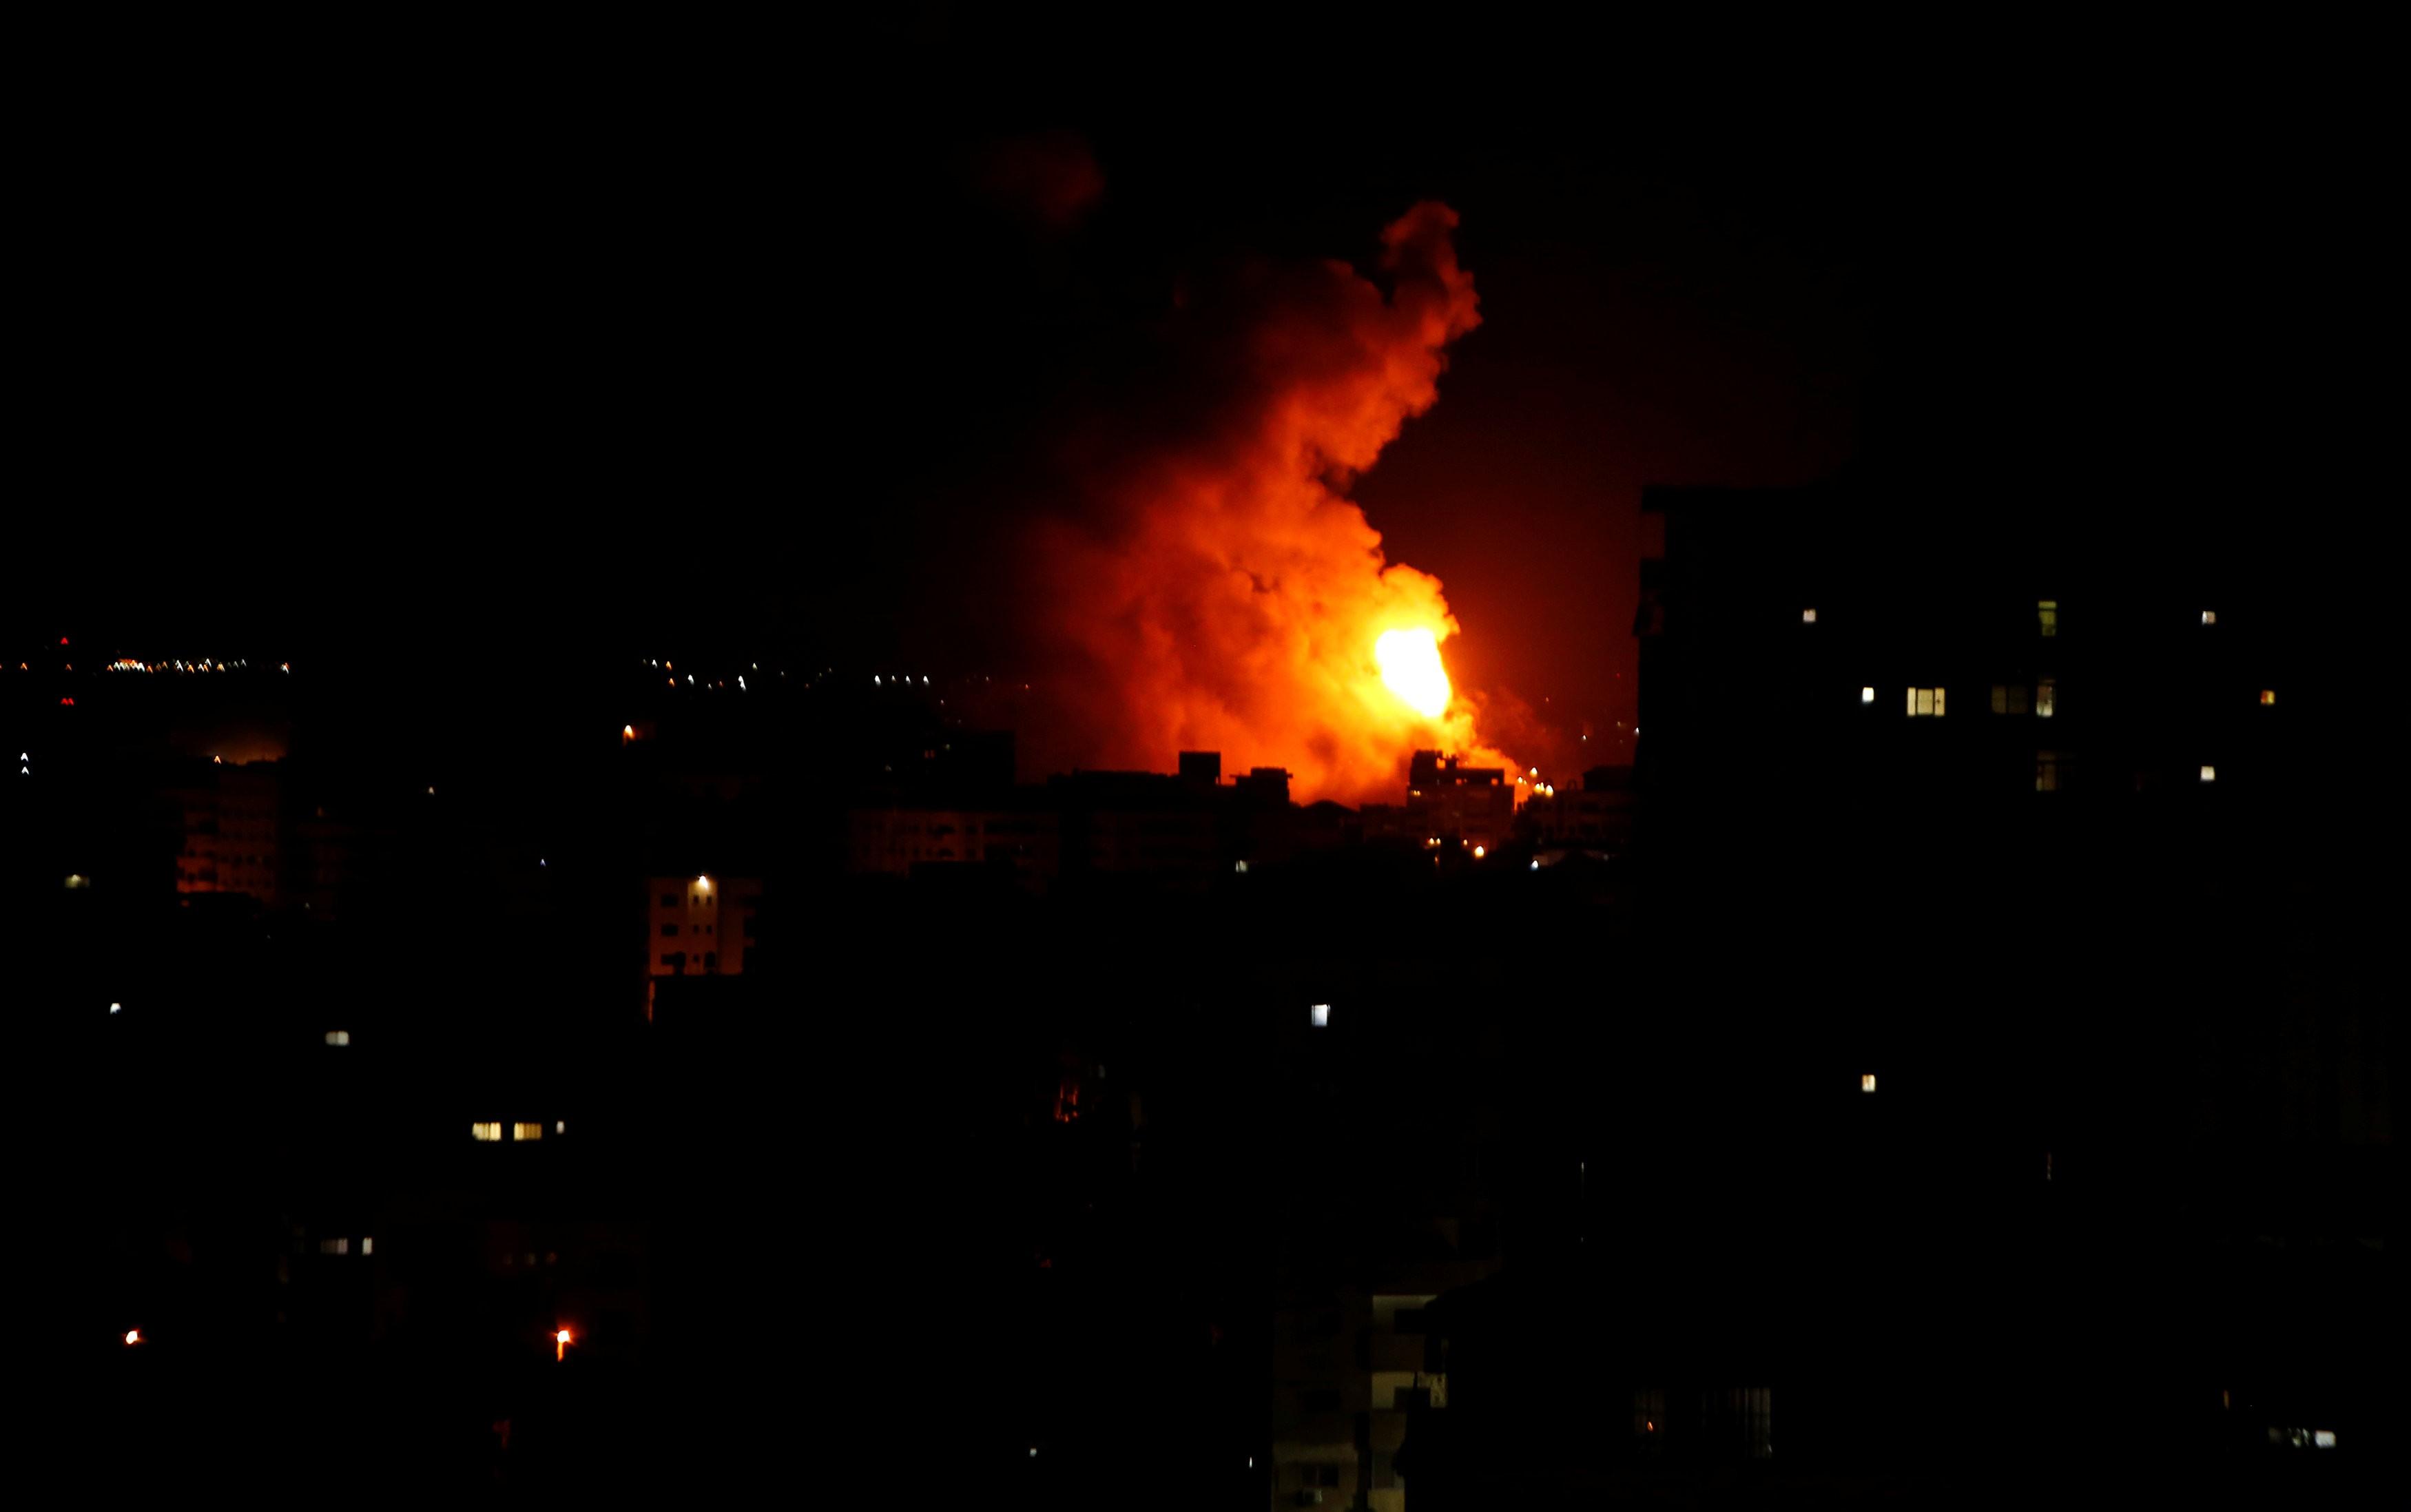 غارات إسرائيلية على مواقع للمقاومة في غزة